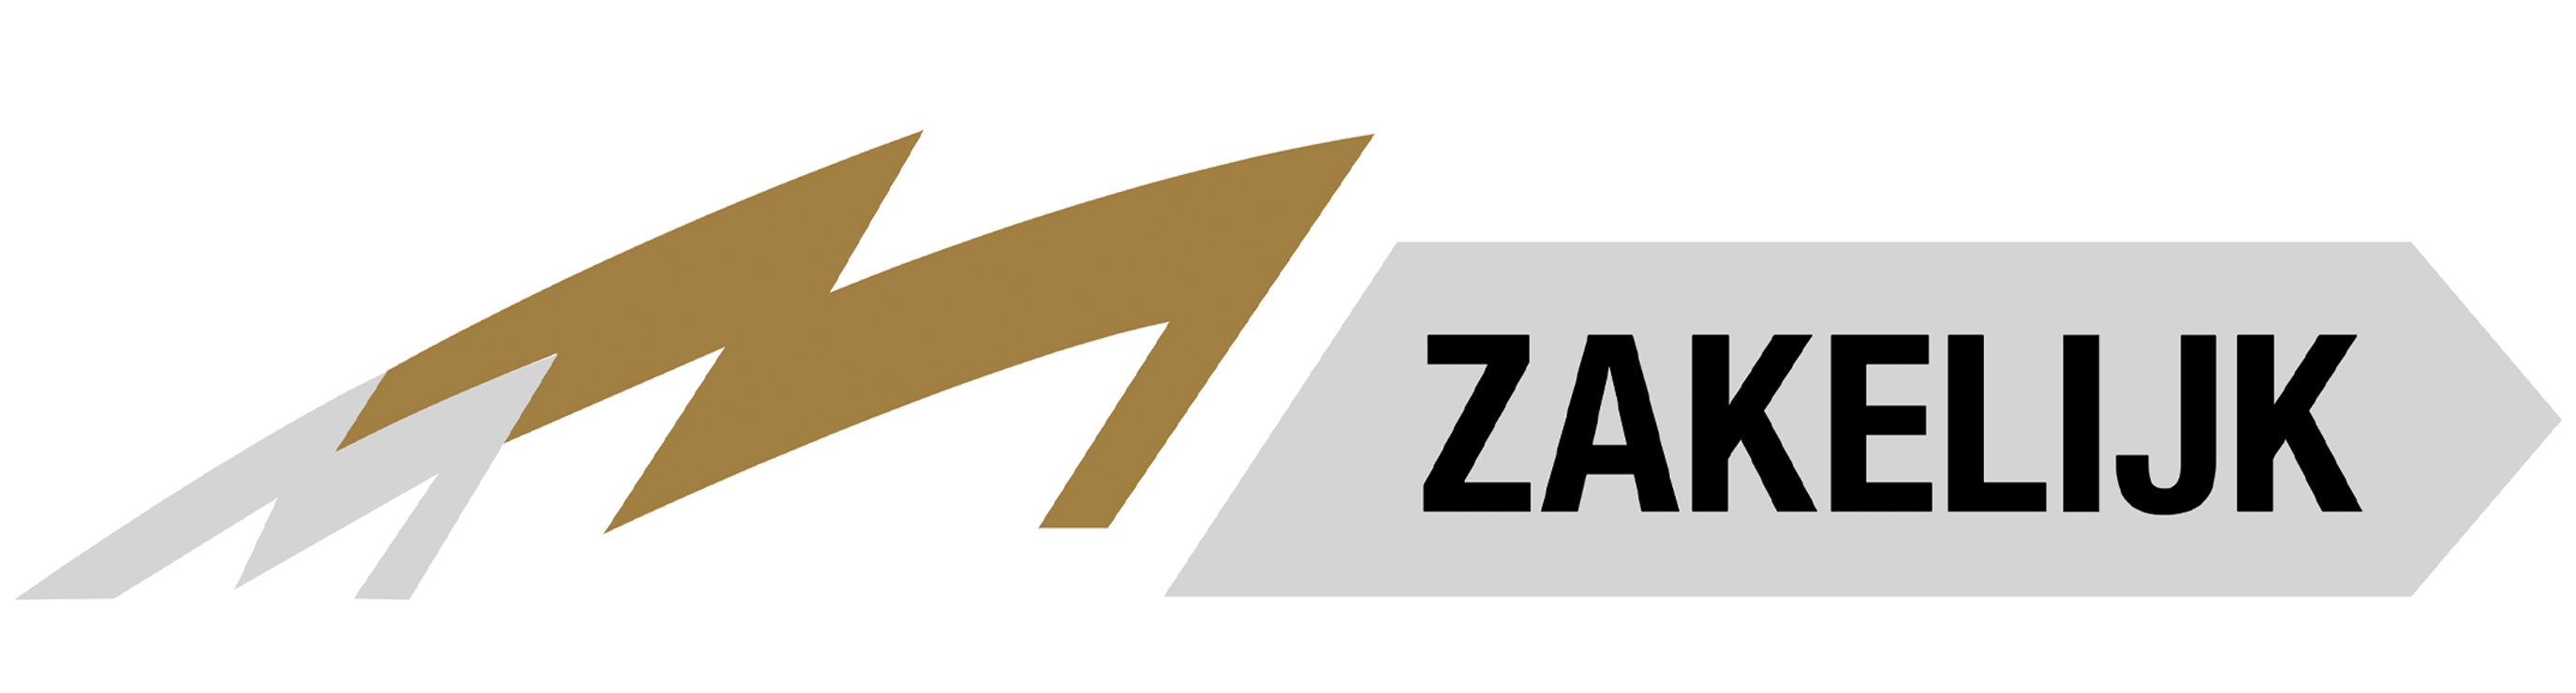 logo-munsterhuis-zakelijkkopie